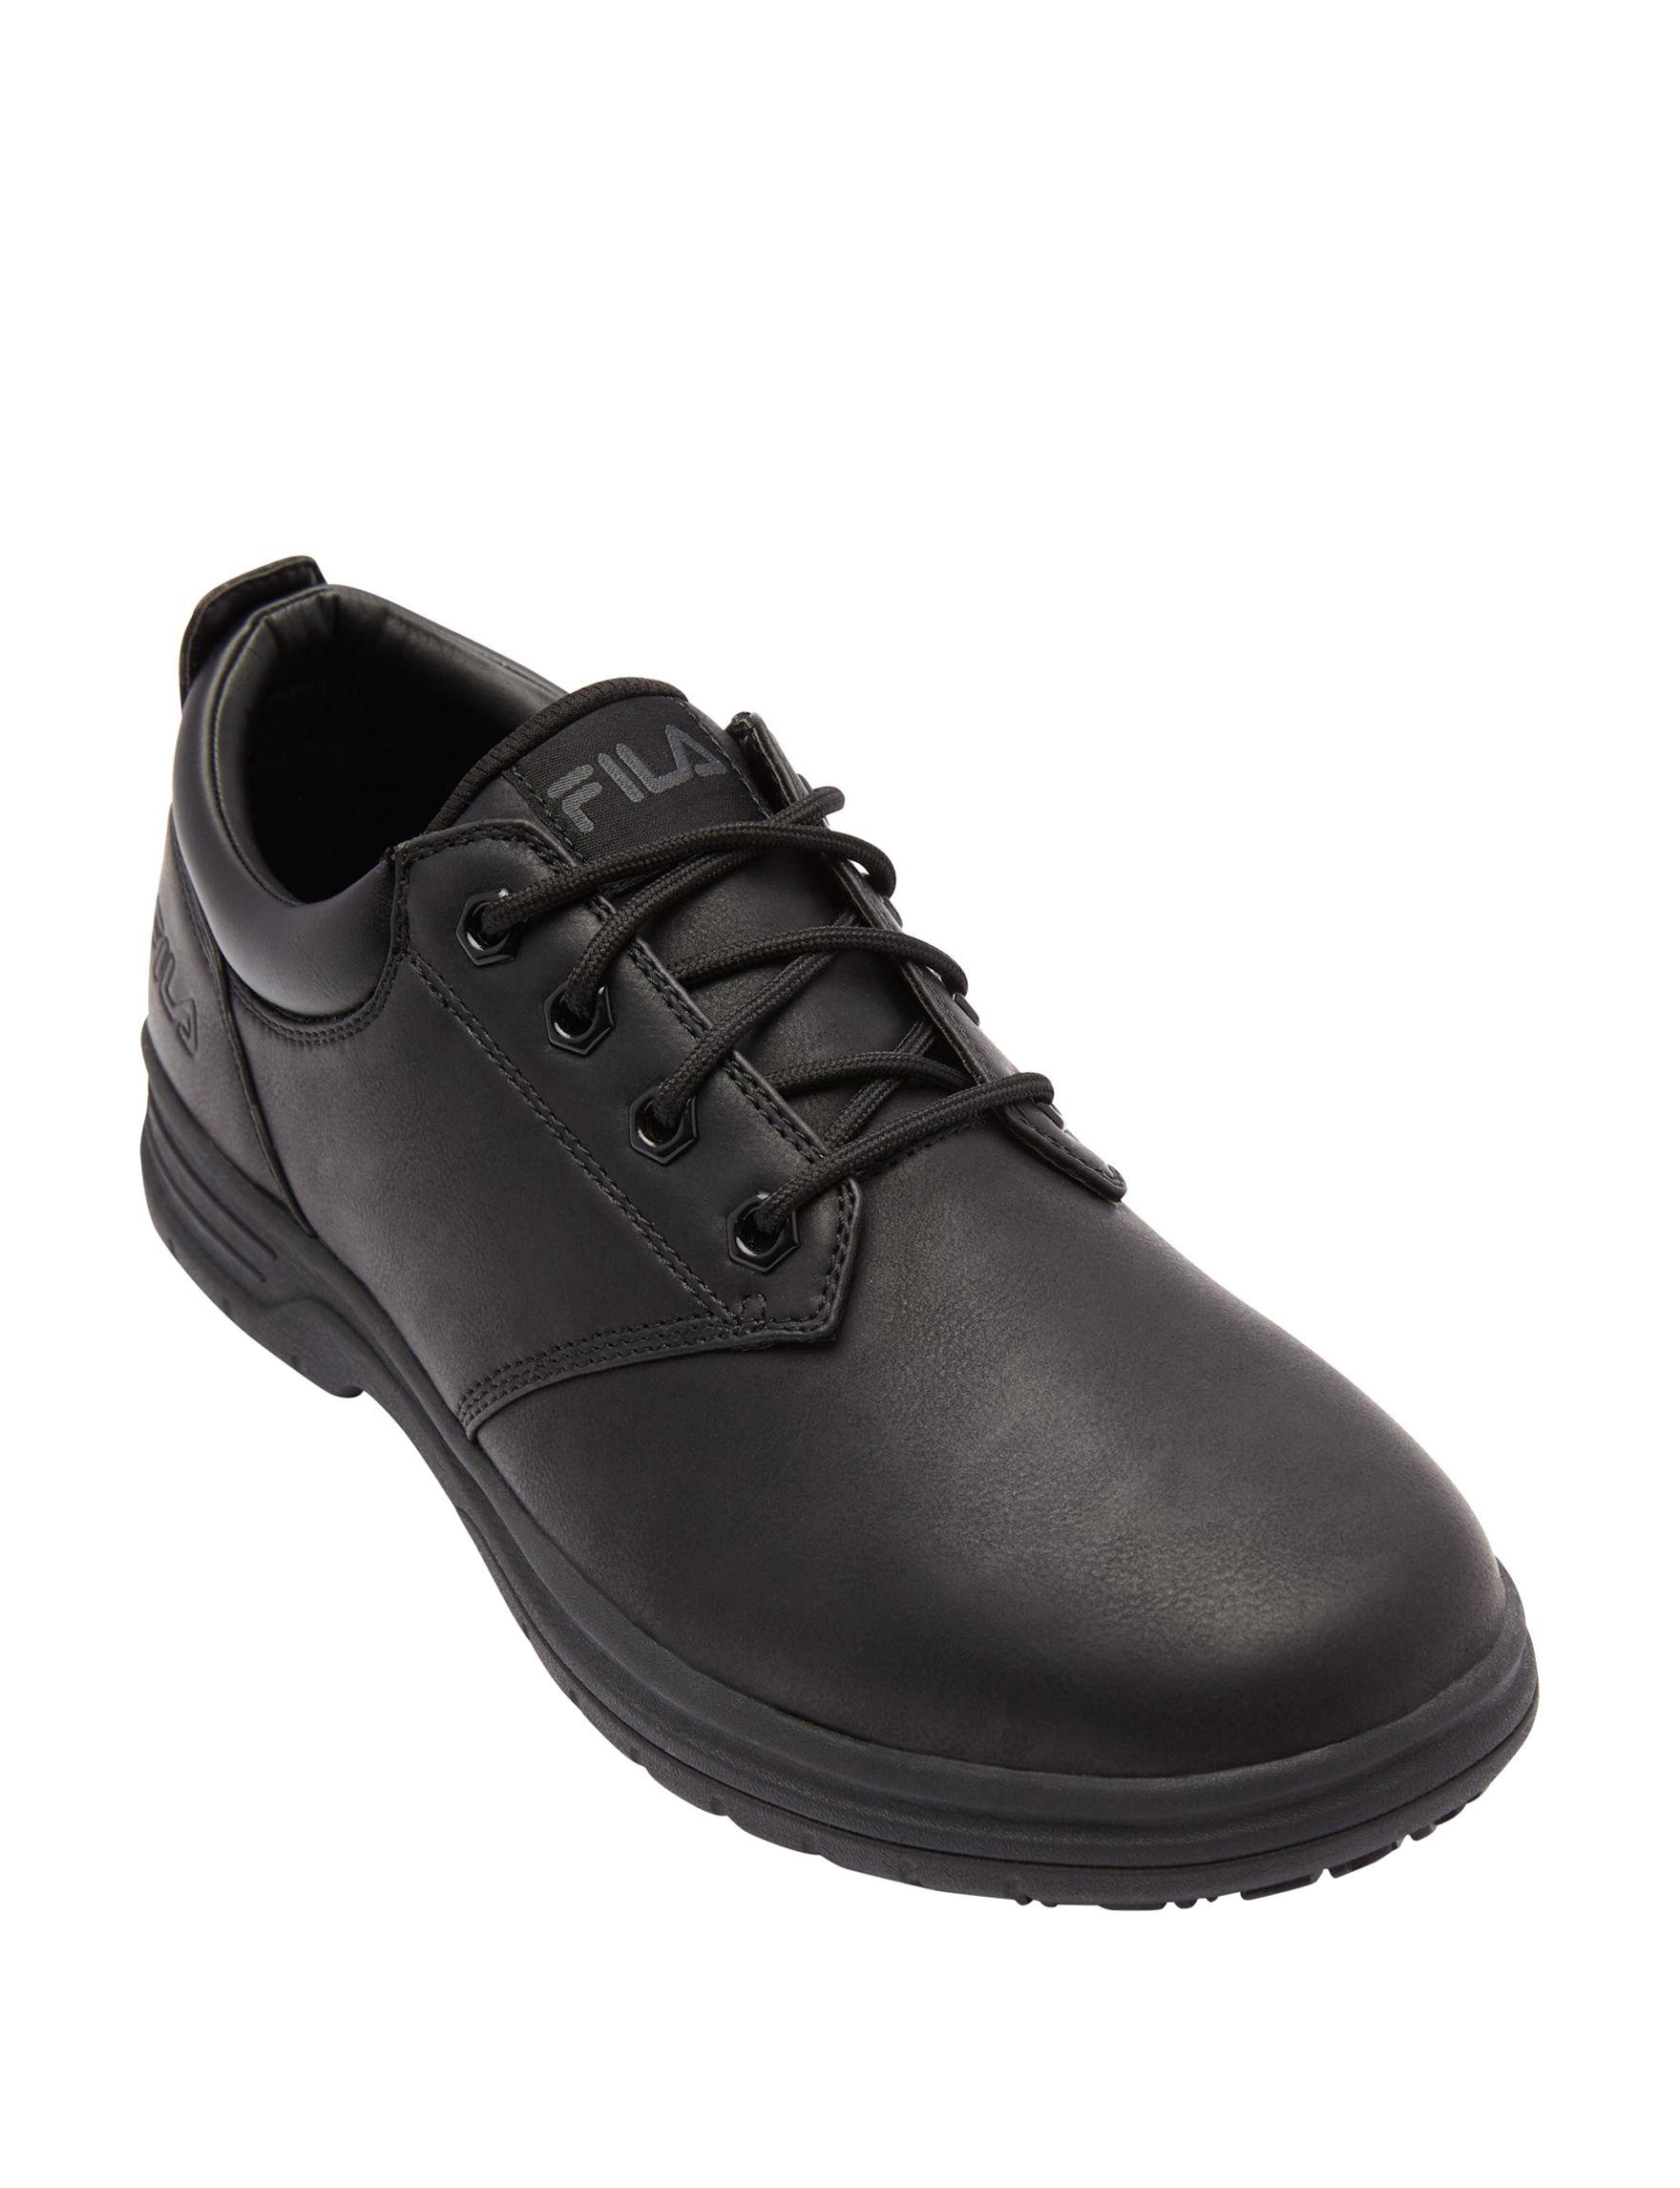 Fila Black Slip Resistant